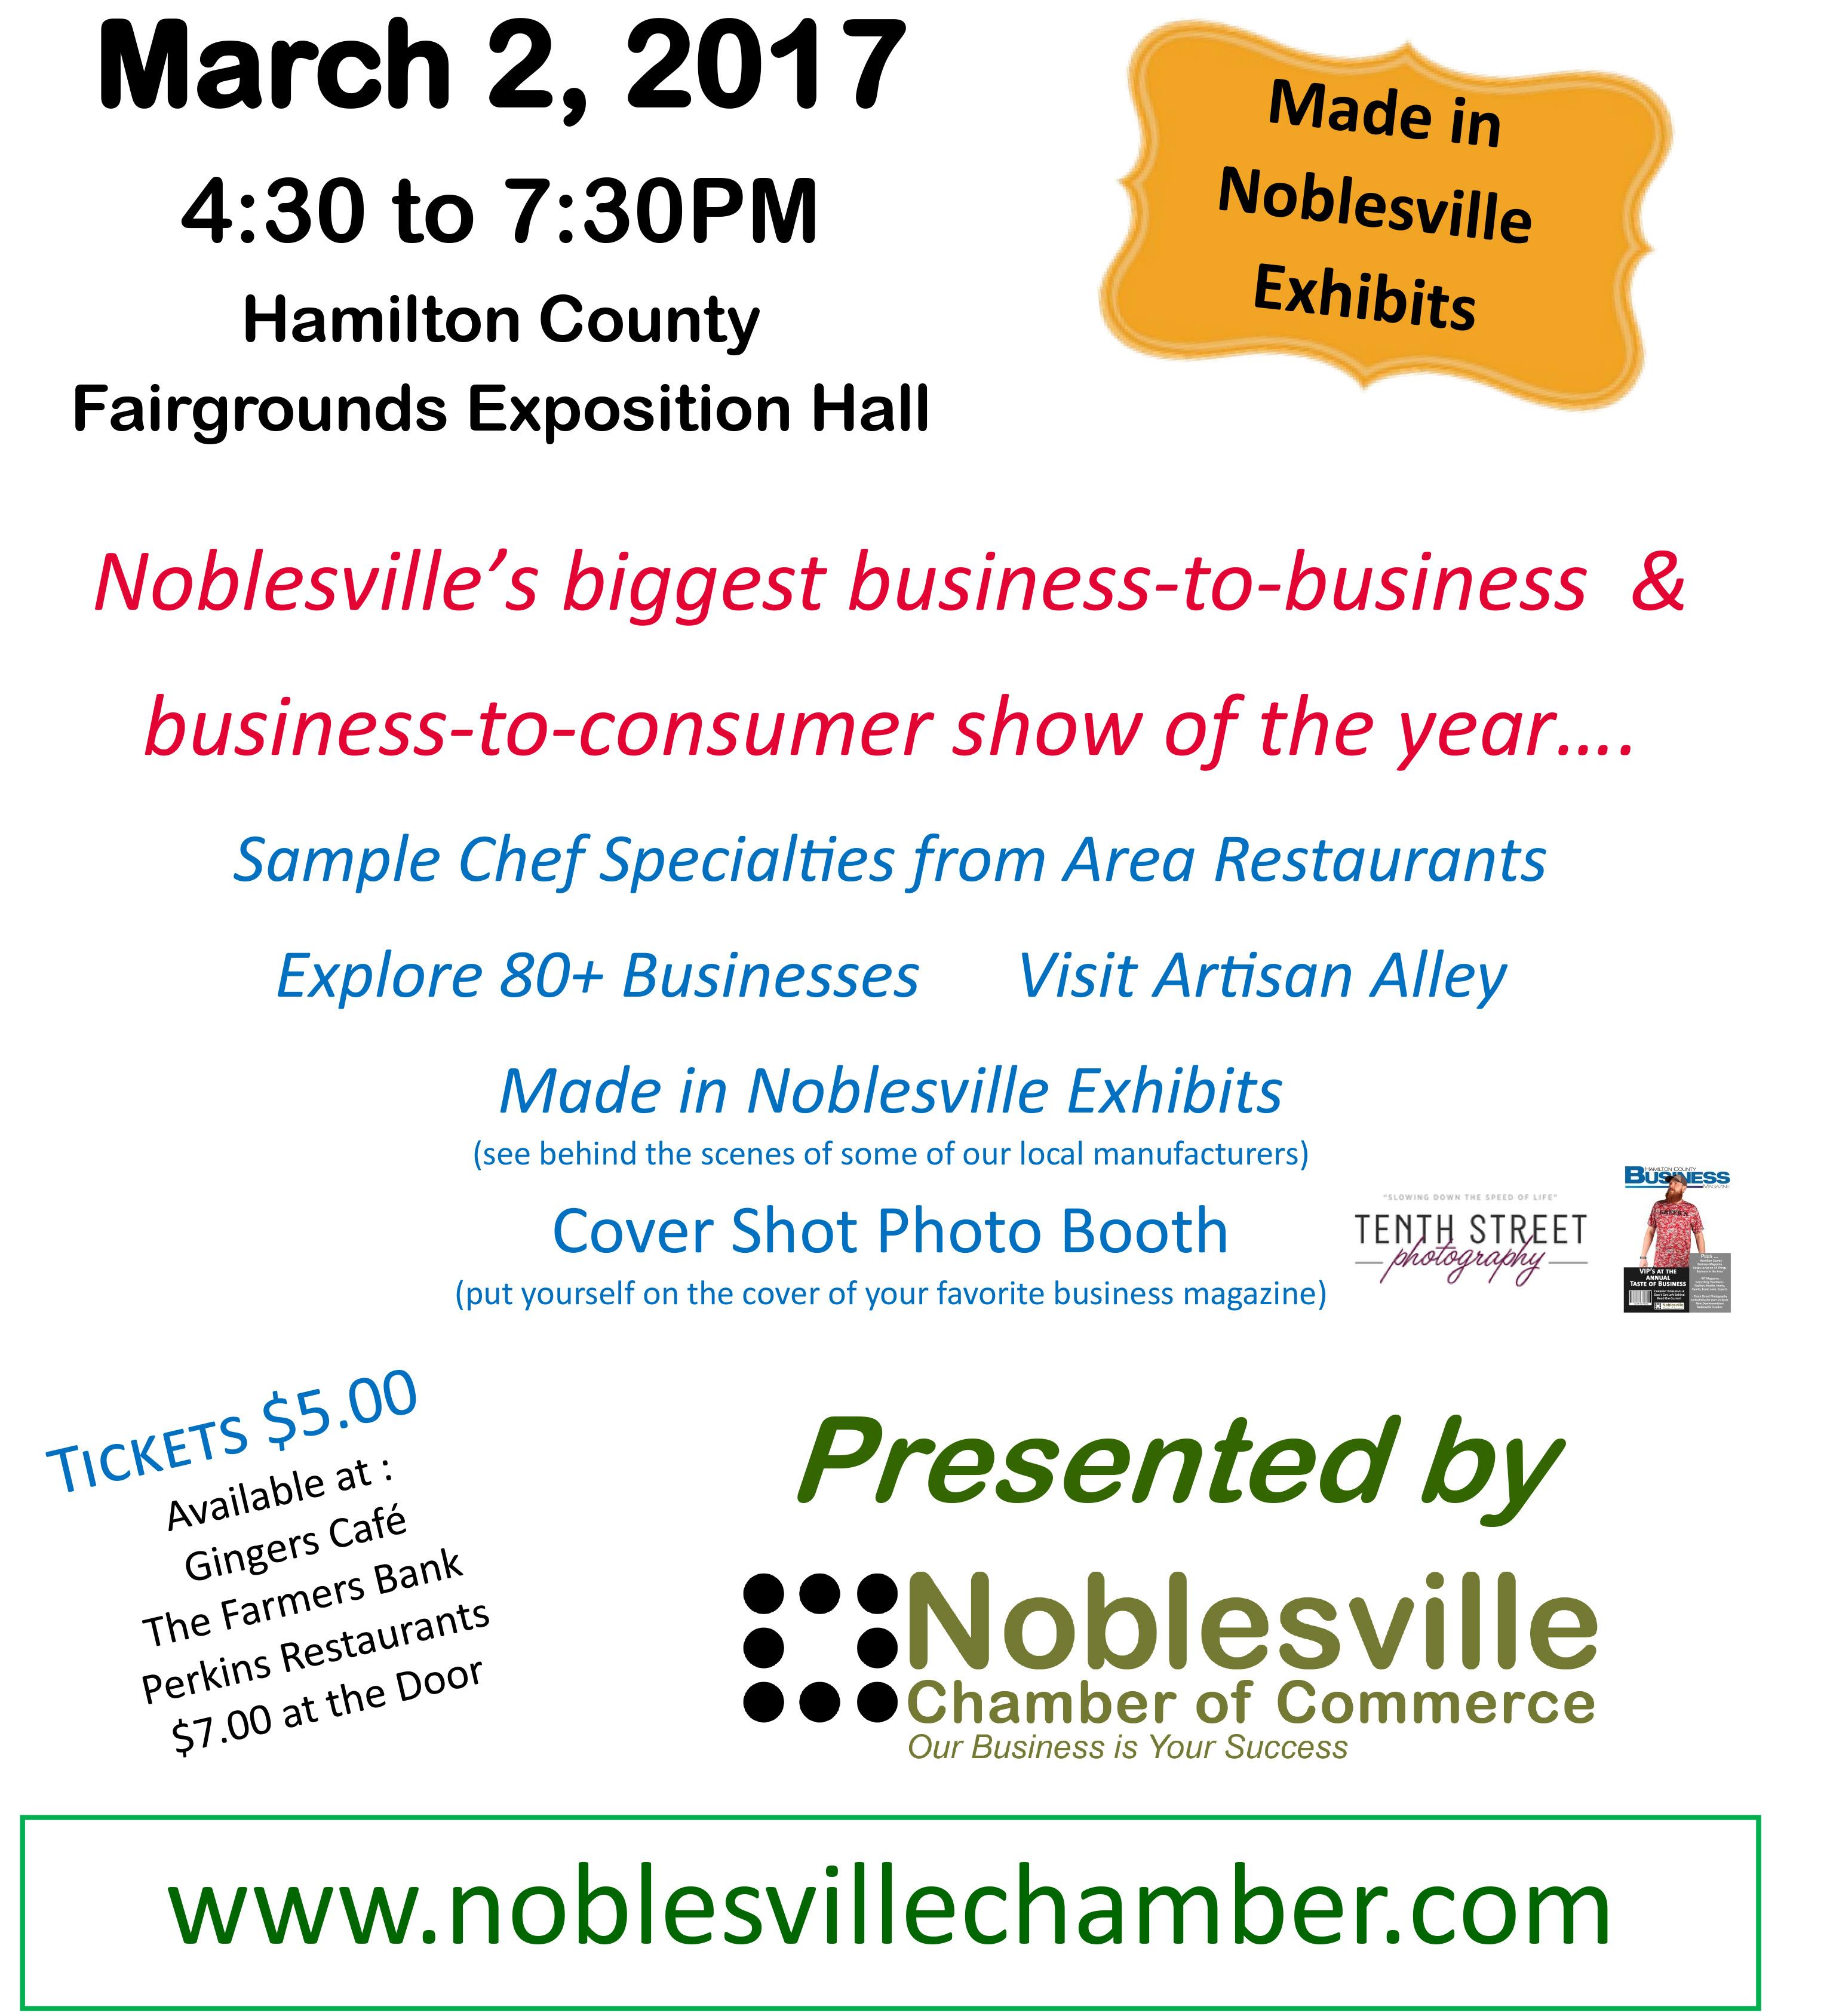 Noblesville Chamber of Commerce